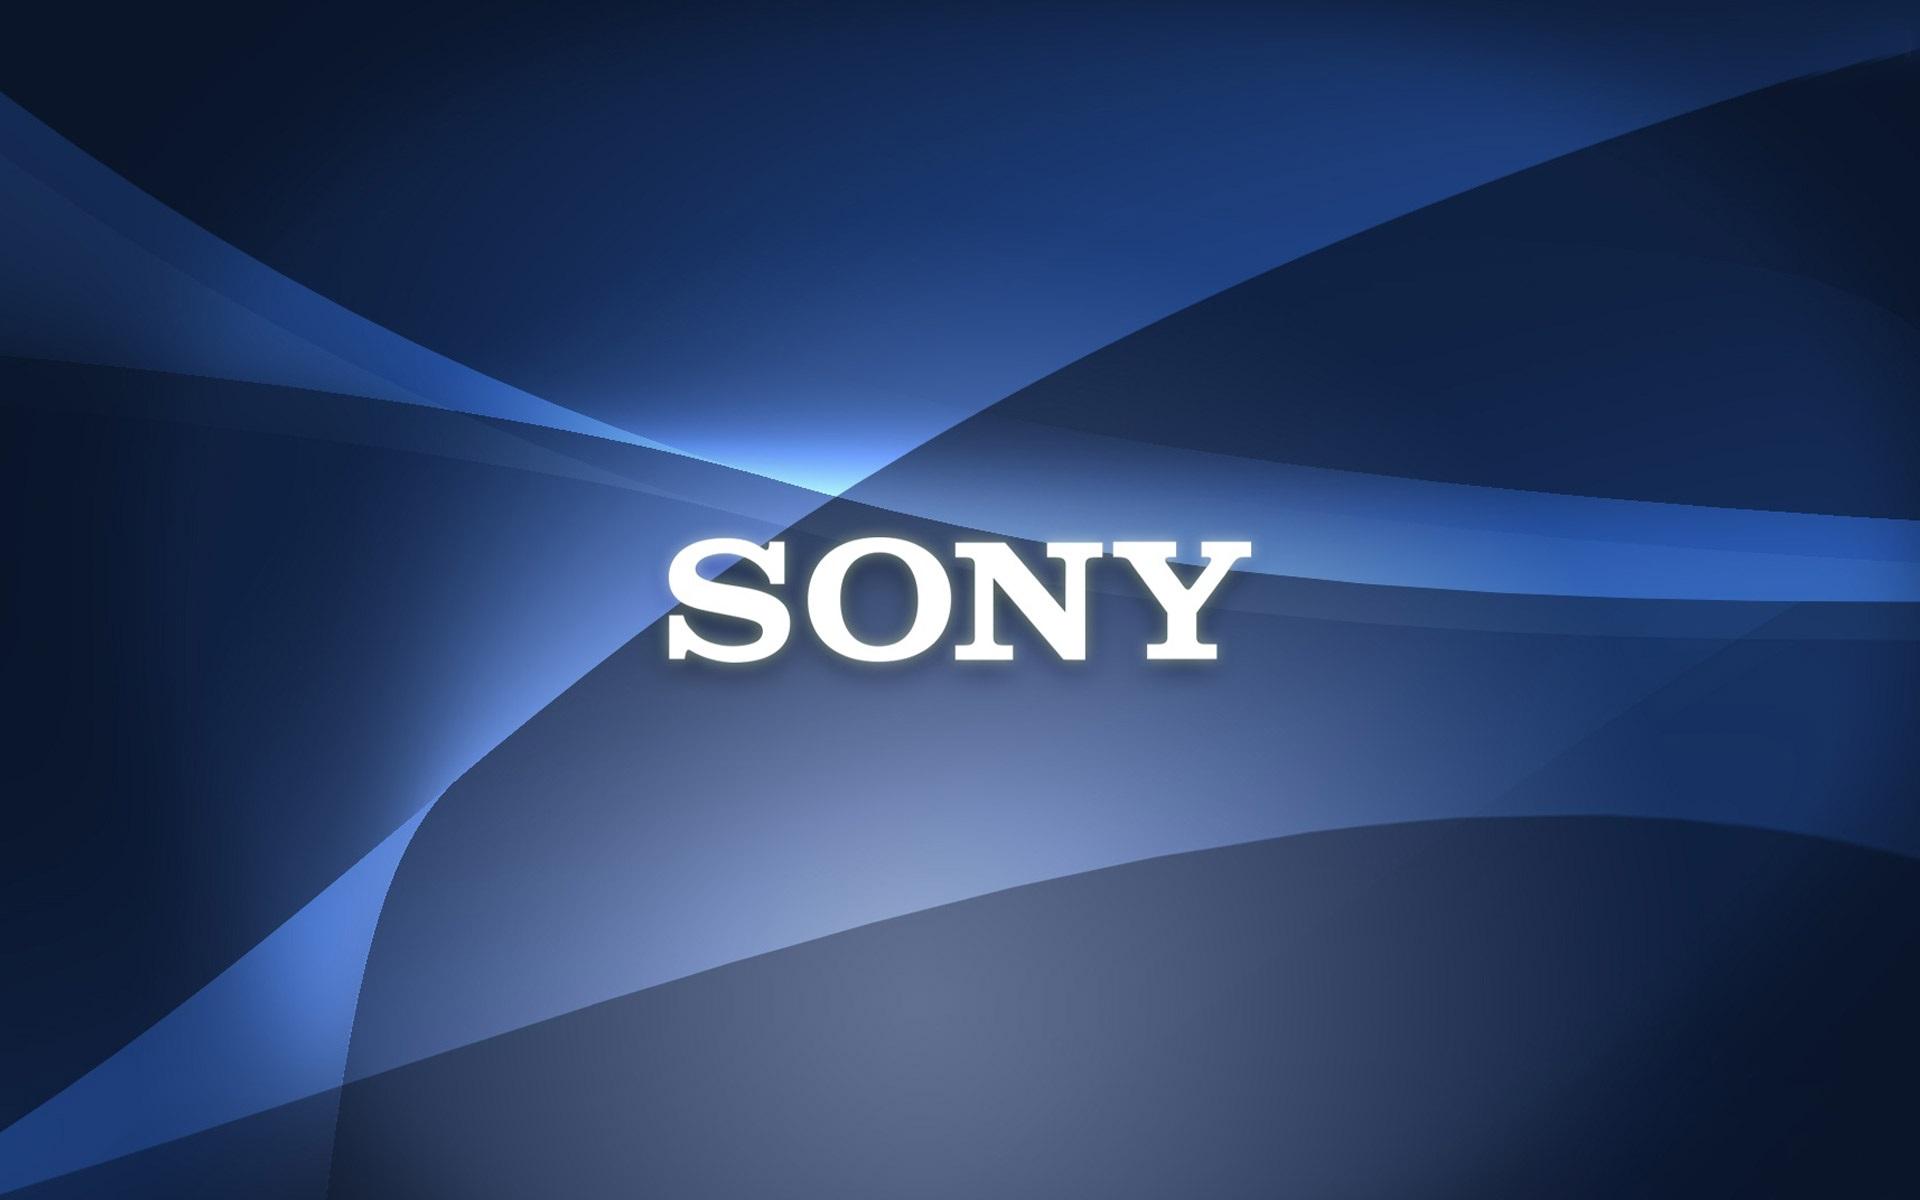 Wallpaper Sony